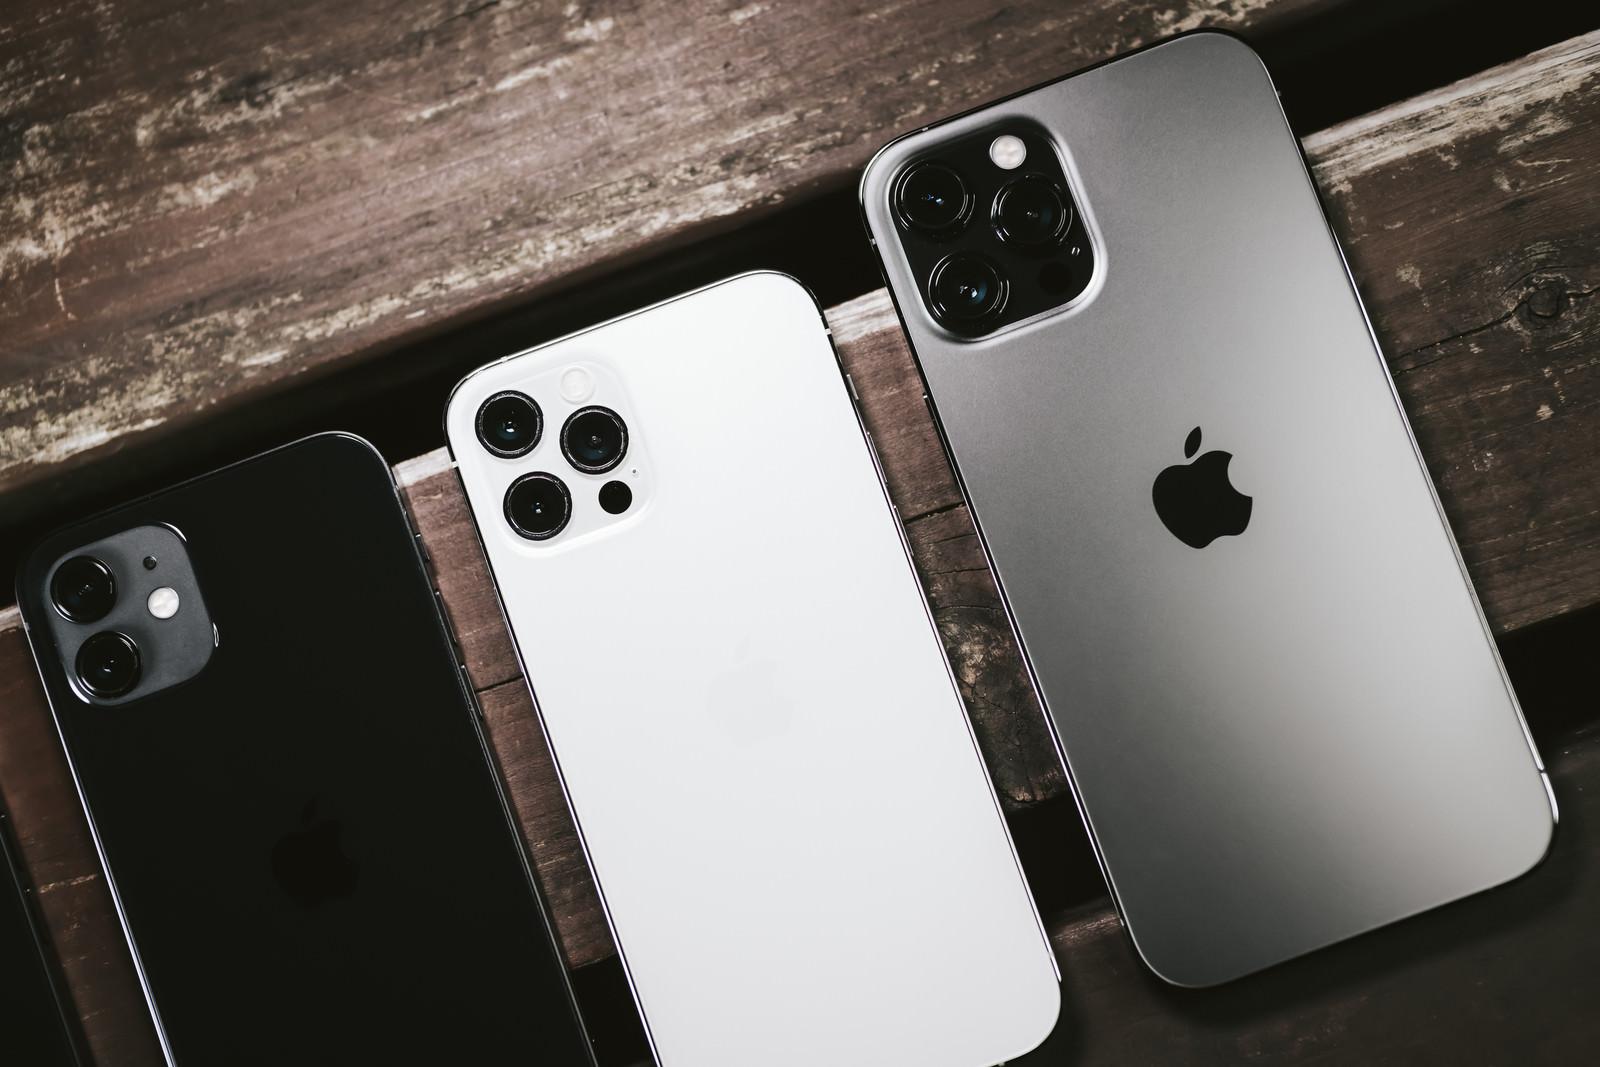 「テーブルに並んだ iPhone 12 と iPhone 12 Pro と iPhone 12 Pro Max」の写真